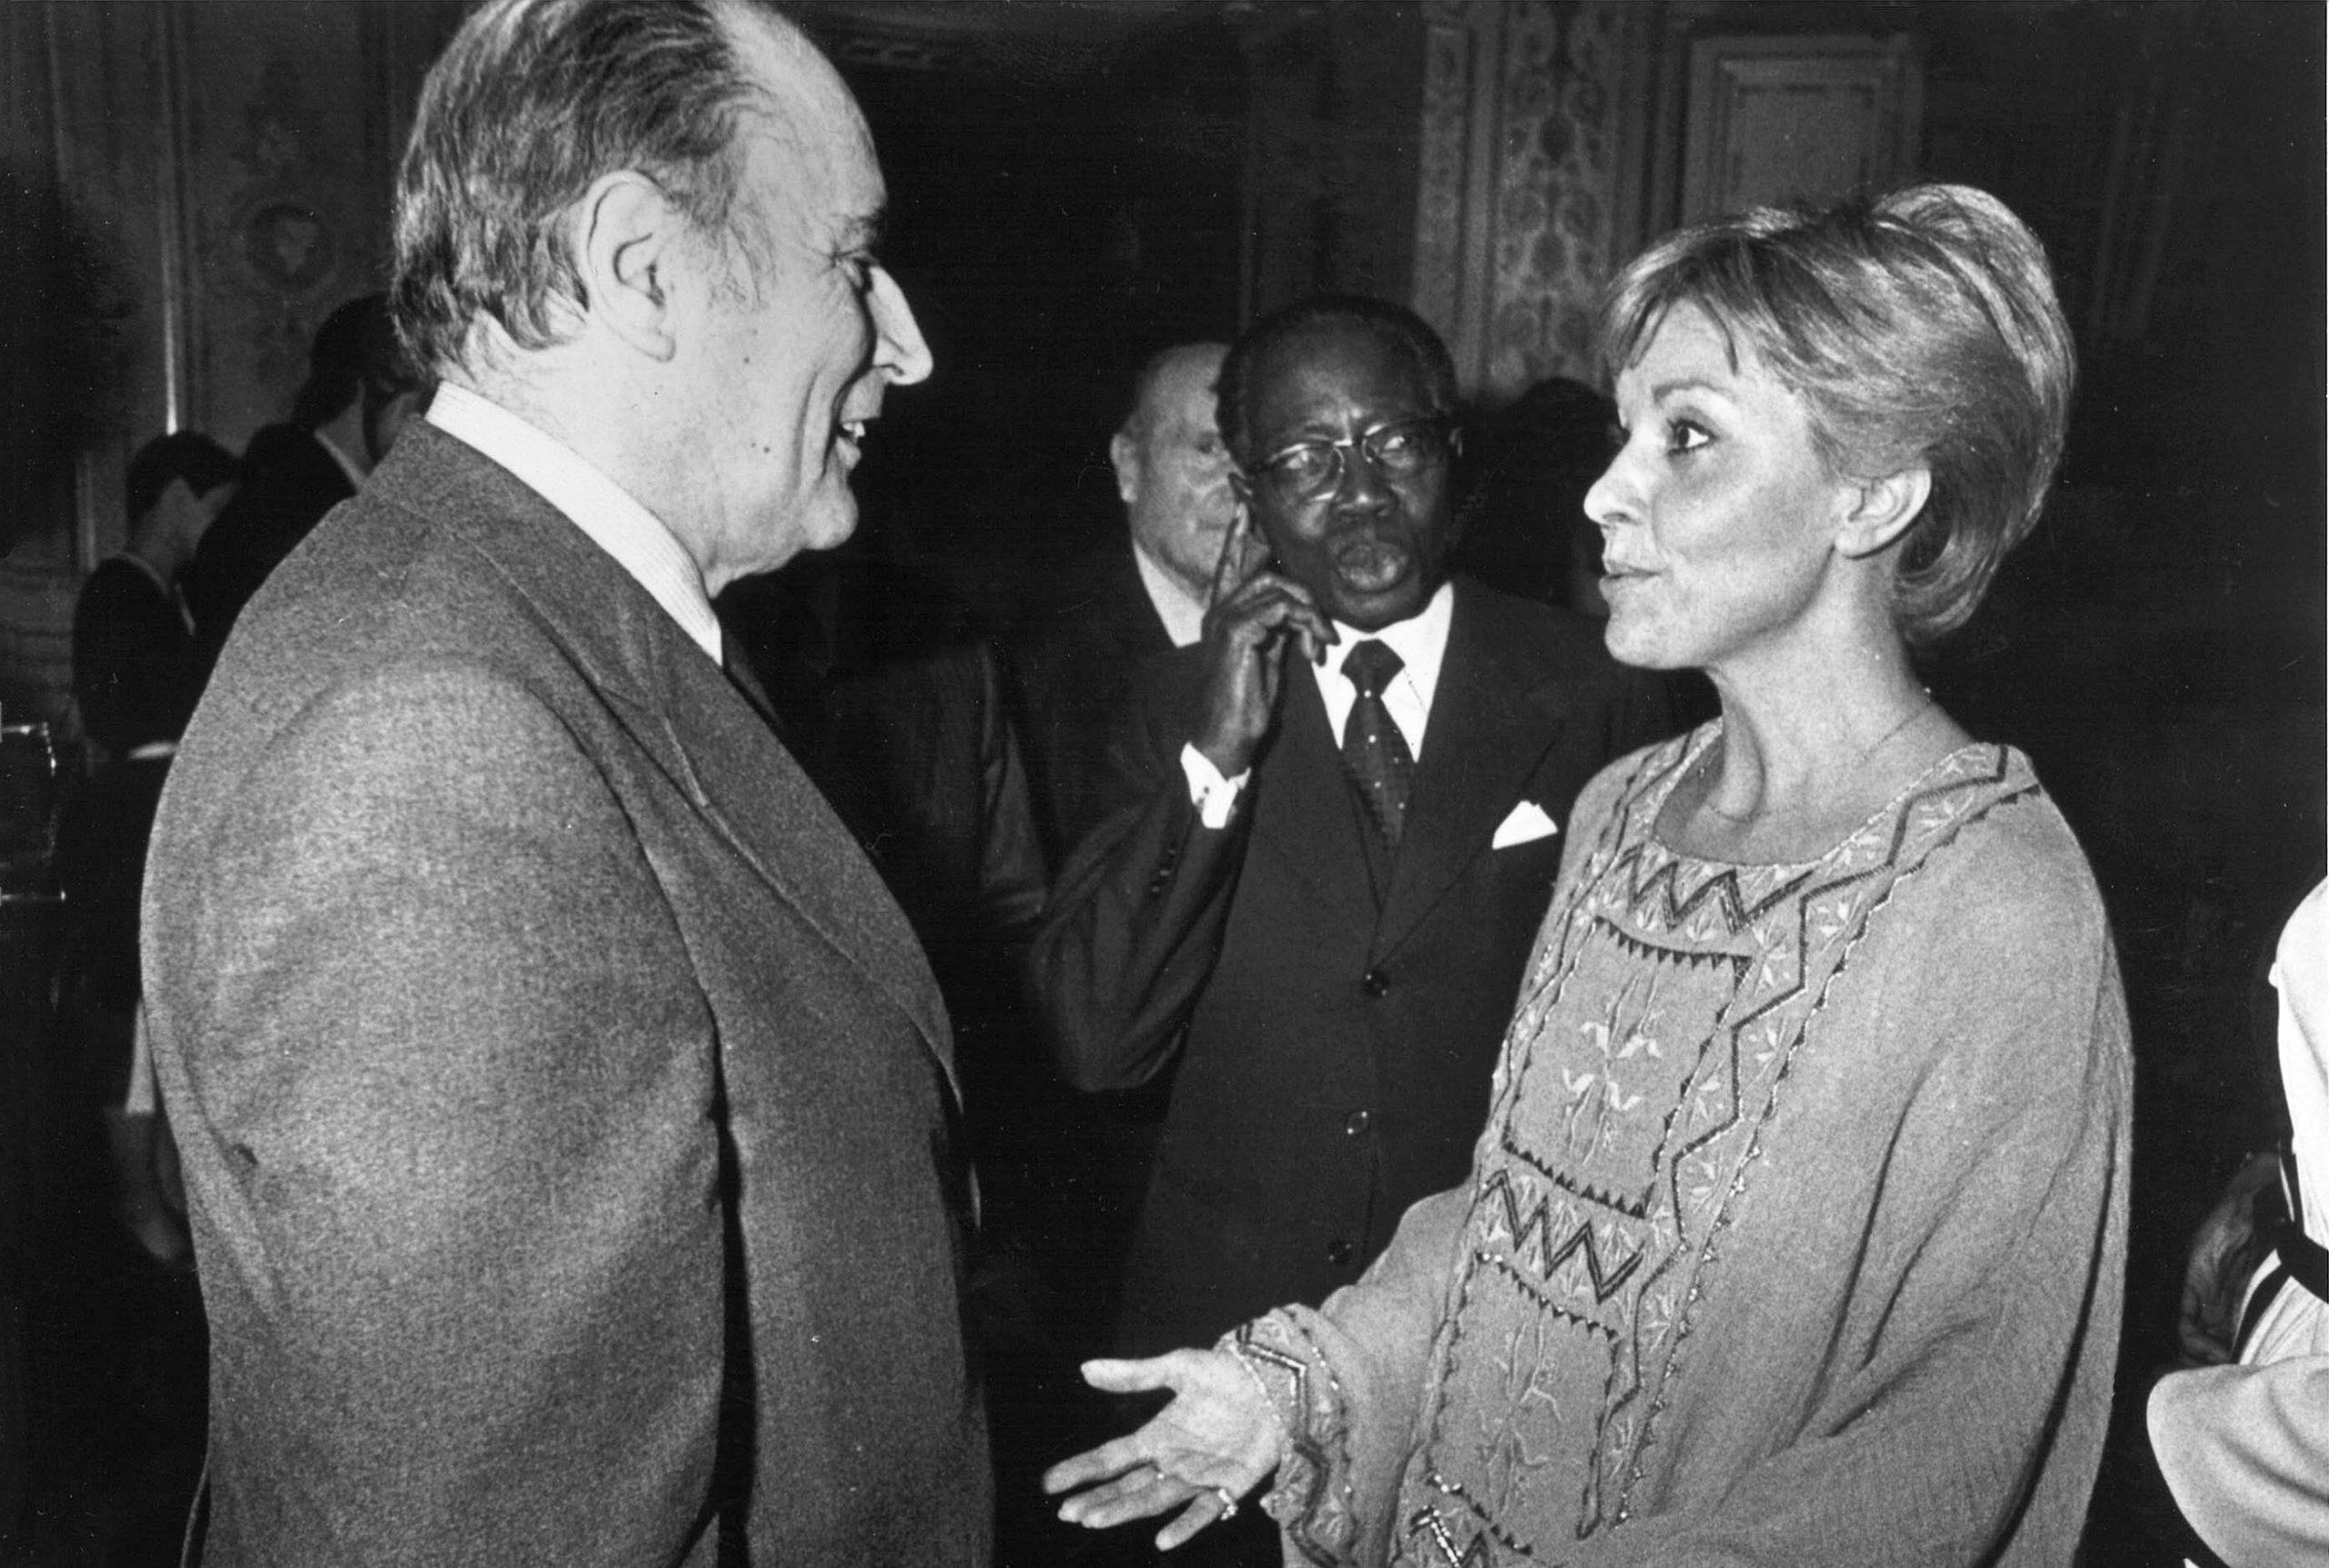 Danielle Ben Yahmed et François Mitterrand, Paris, en novembre 1981.